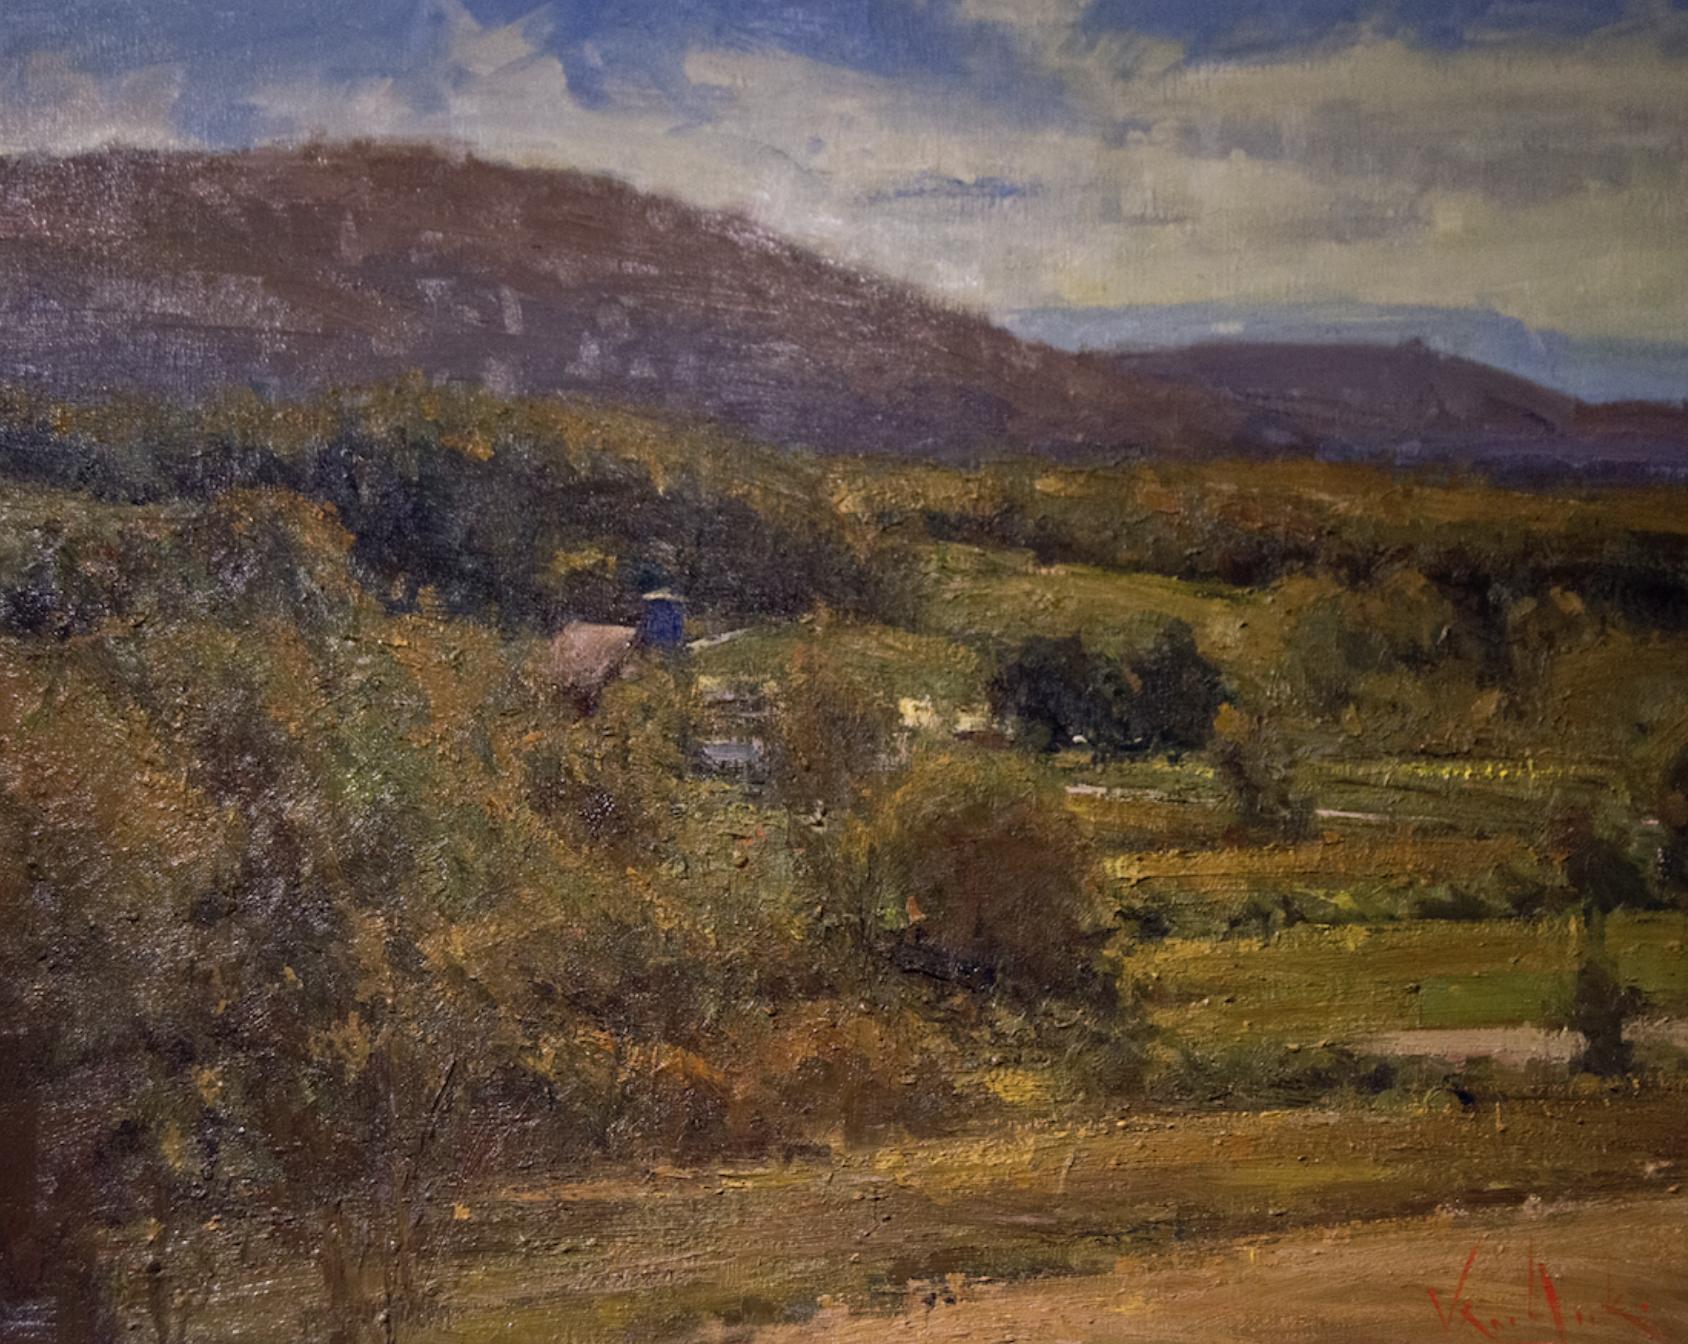 George Van Hook - Across the Valley